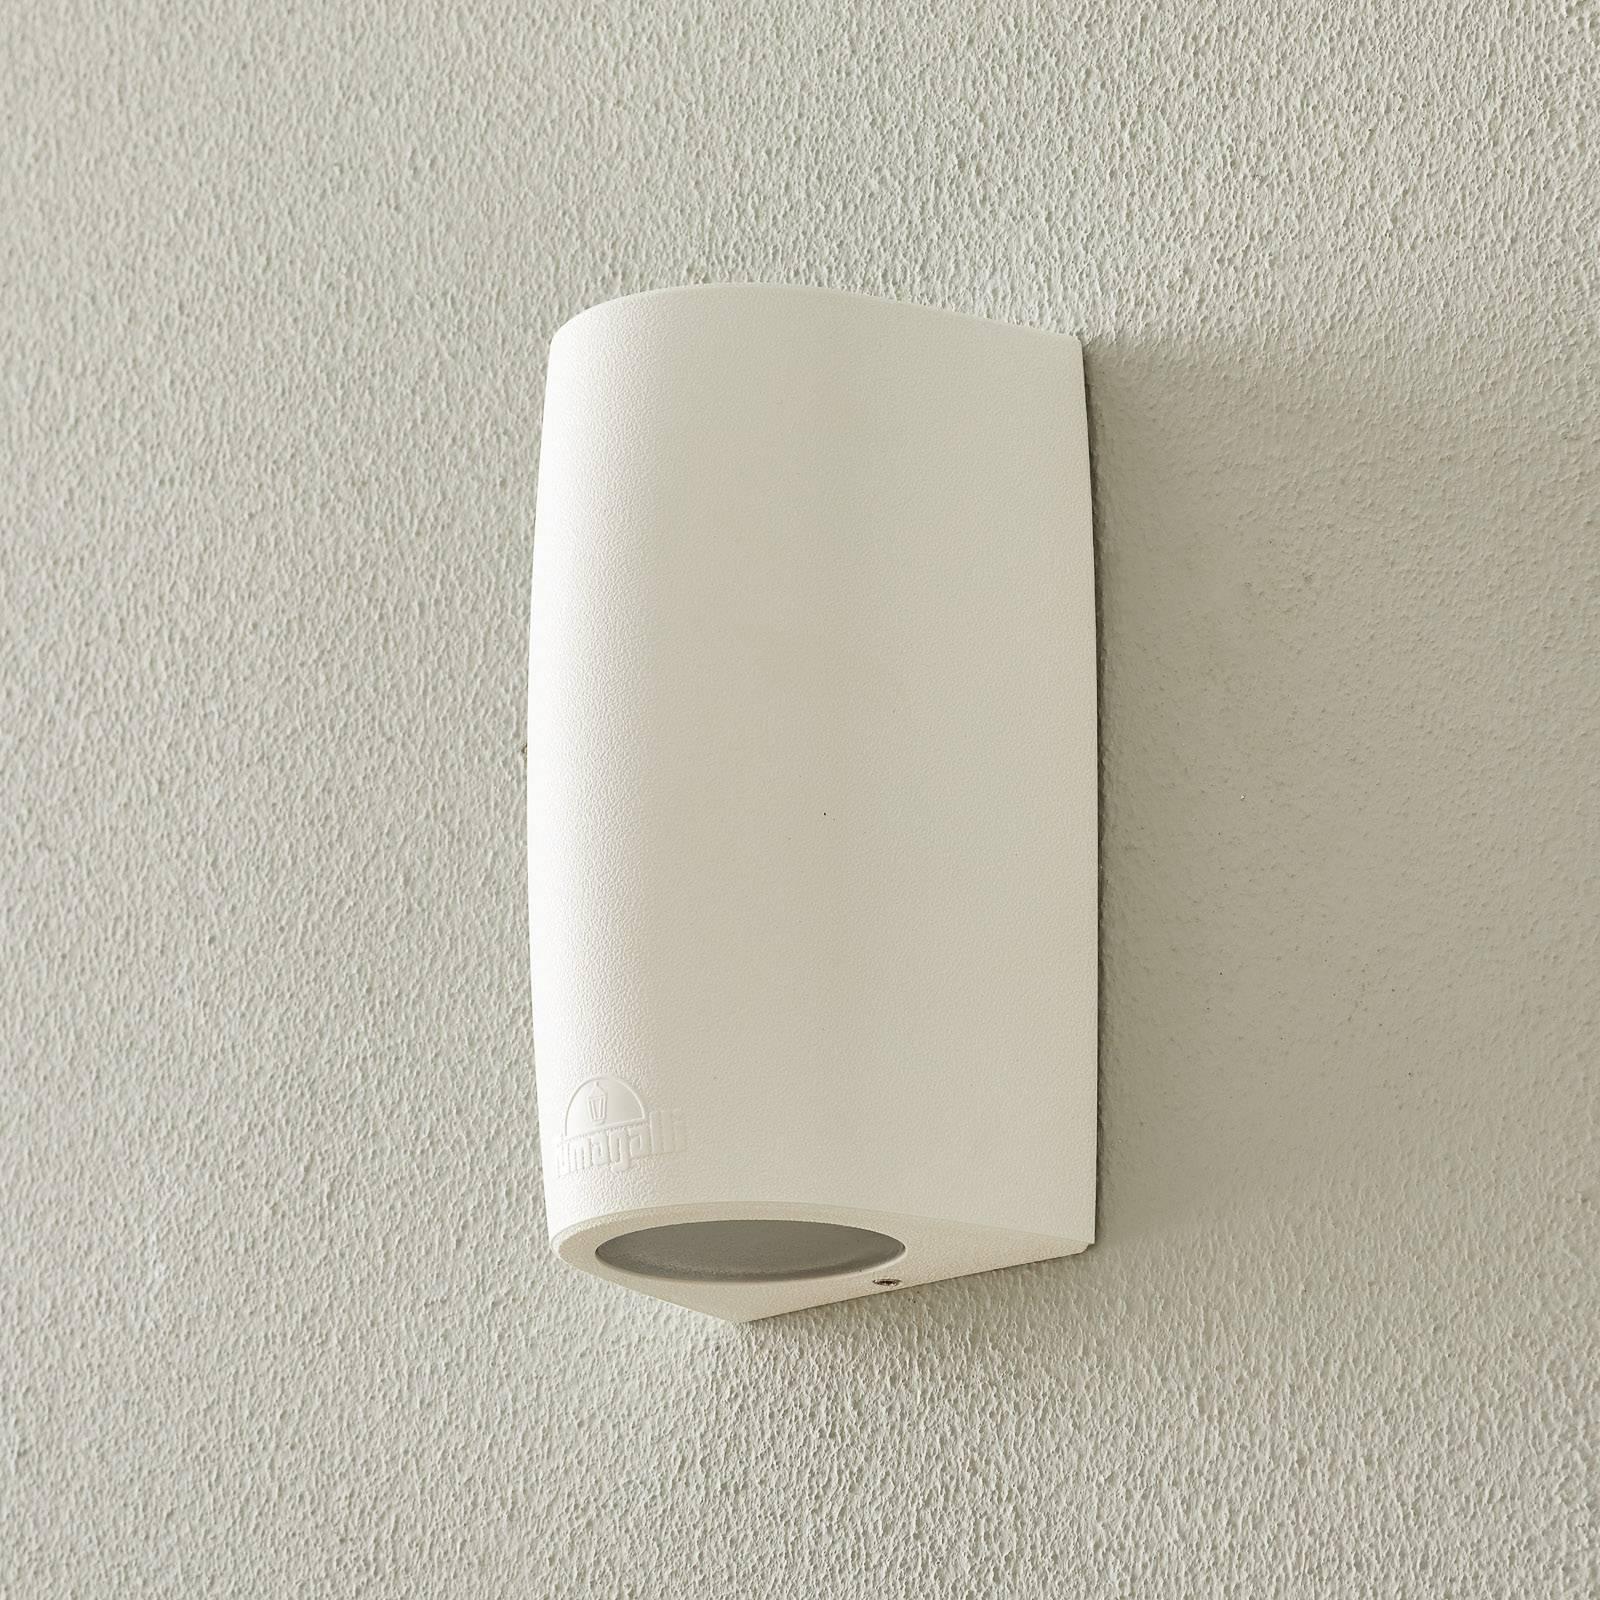 Marta-seinälamppu 9,2 cm 2-lamp.valkoinen/frosted